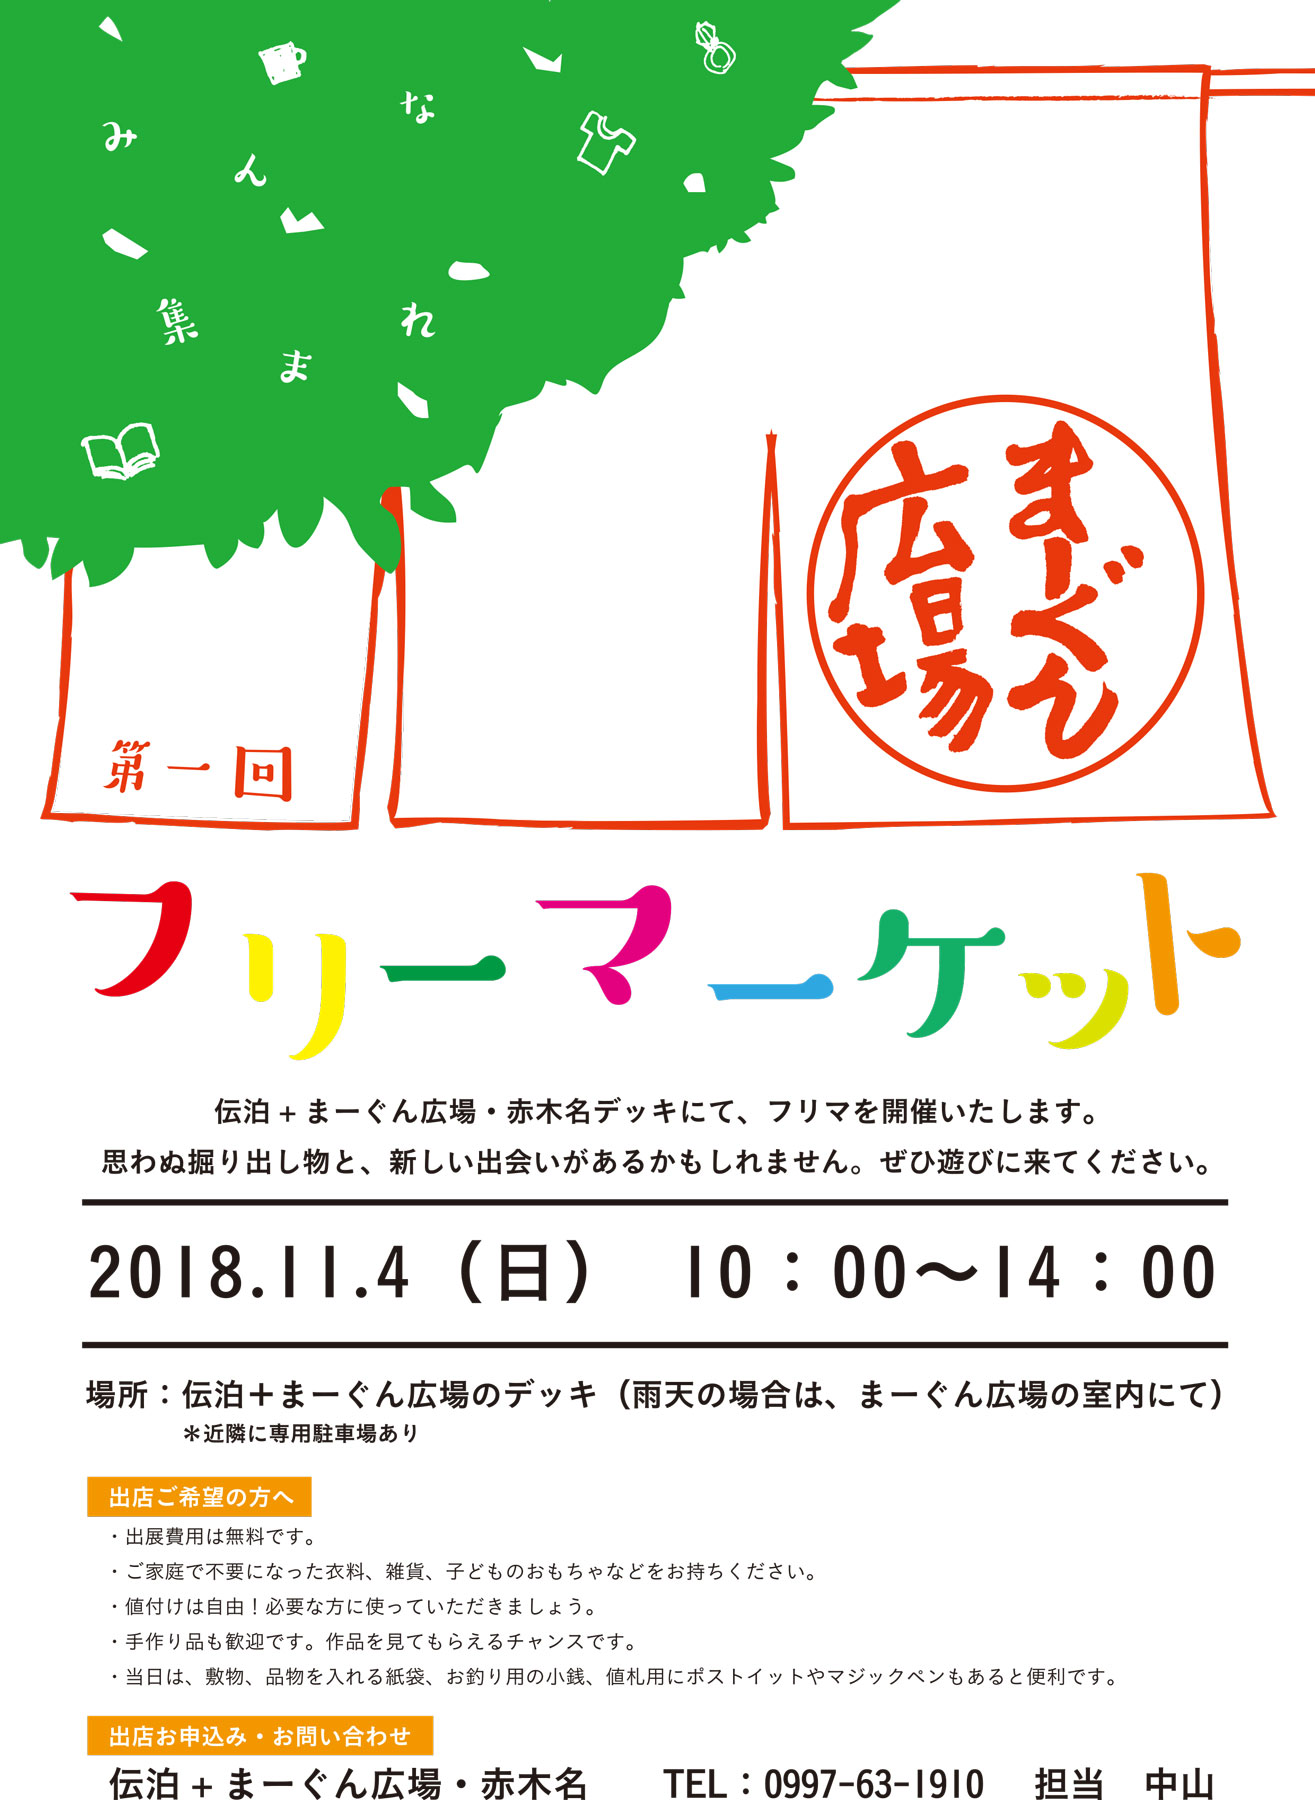 奄美イノベーション株式会社 まーぐん広場・赤木名 フリーマーケットフライヤー画像